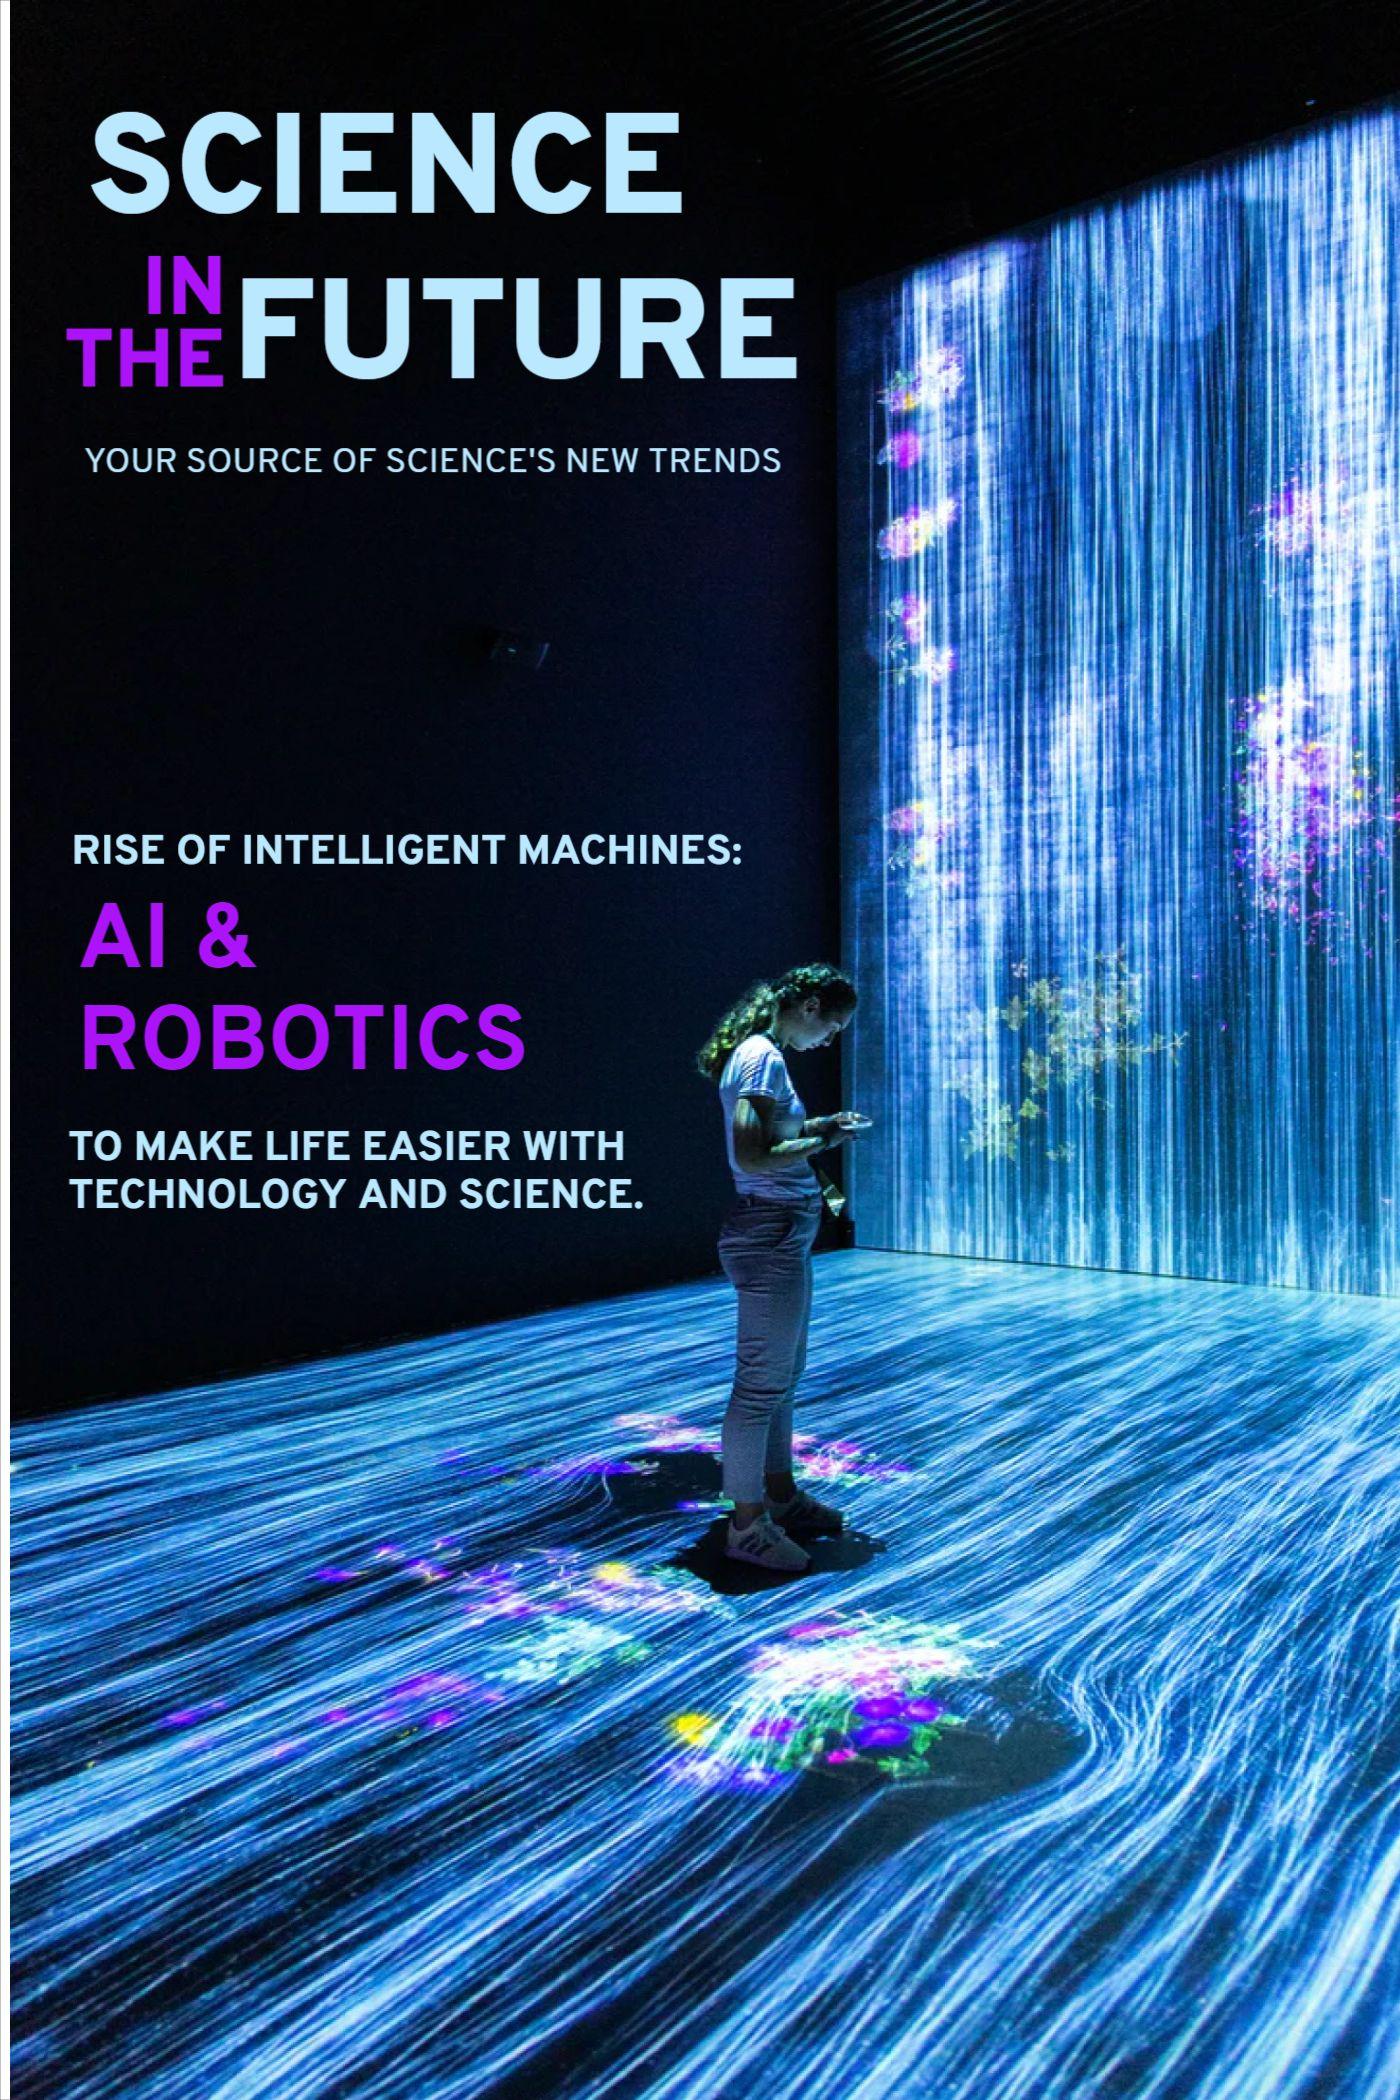 Science Future Magazine Cover Template Design